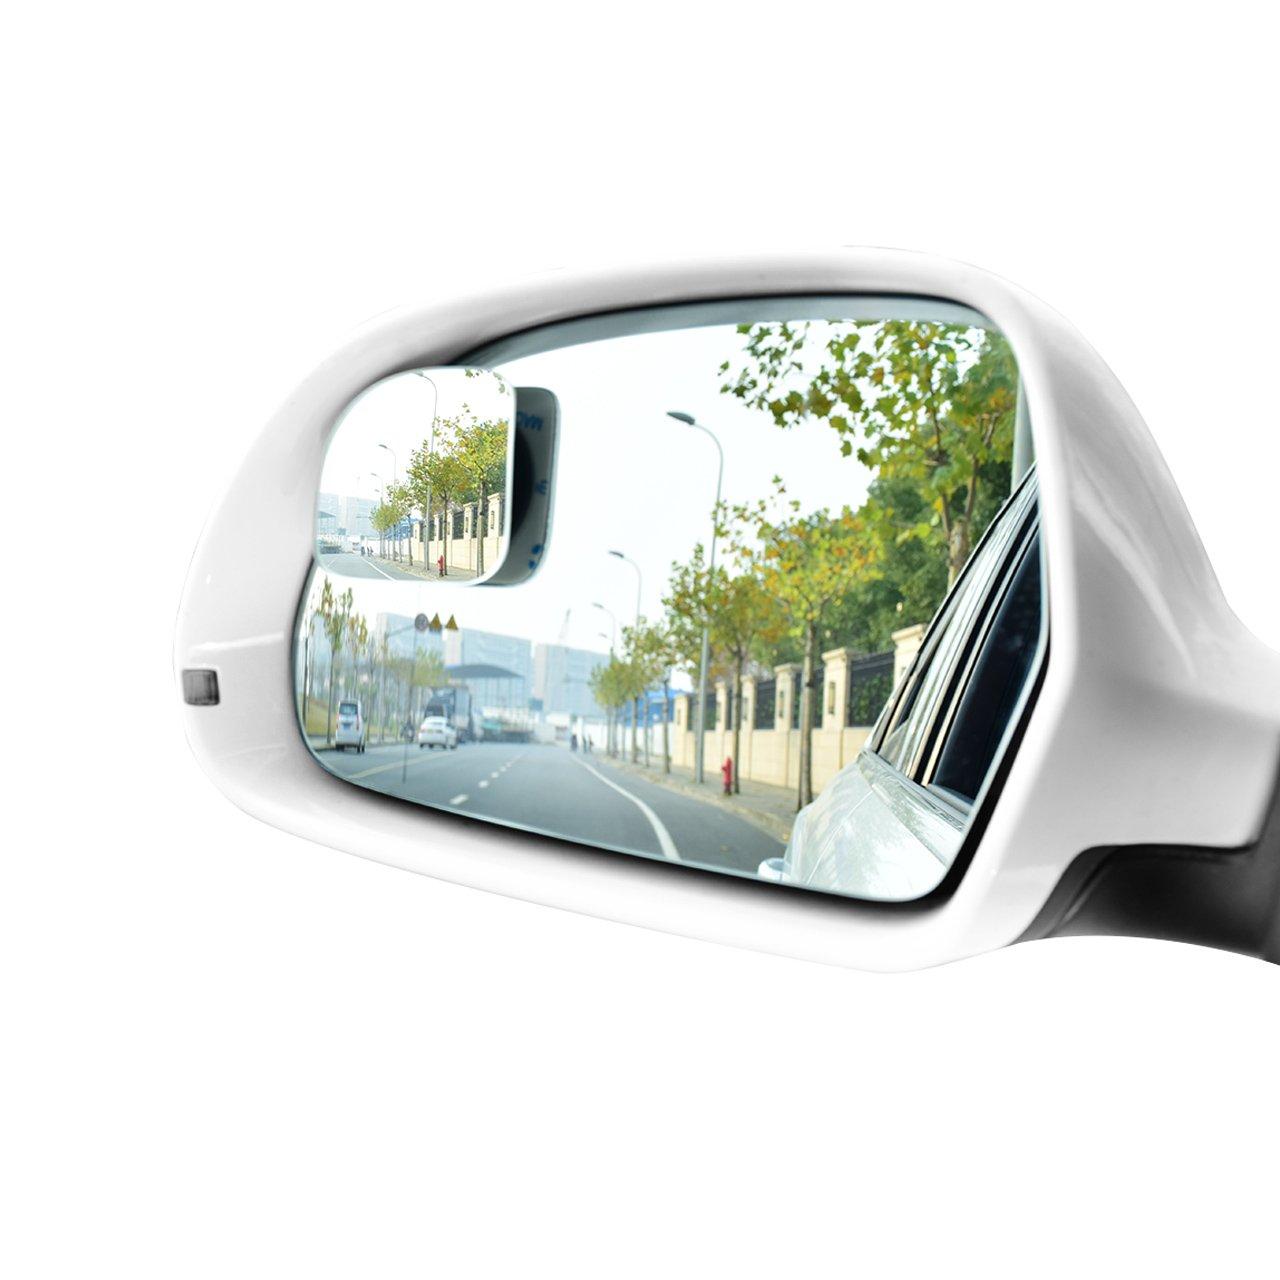 DEDC 2 Pezzi Specchietti per Angolo Morto Specchio Grandangolare a 360° Convesso Adesivo Specchio Retrovisore per Angolo Morto per Auto SUV Camion